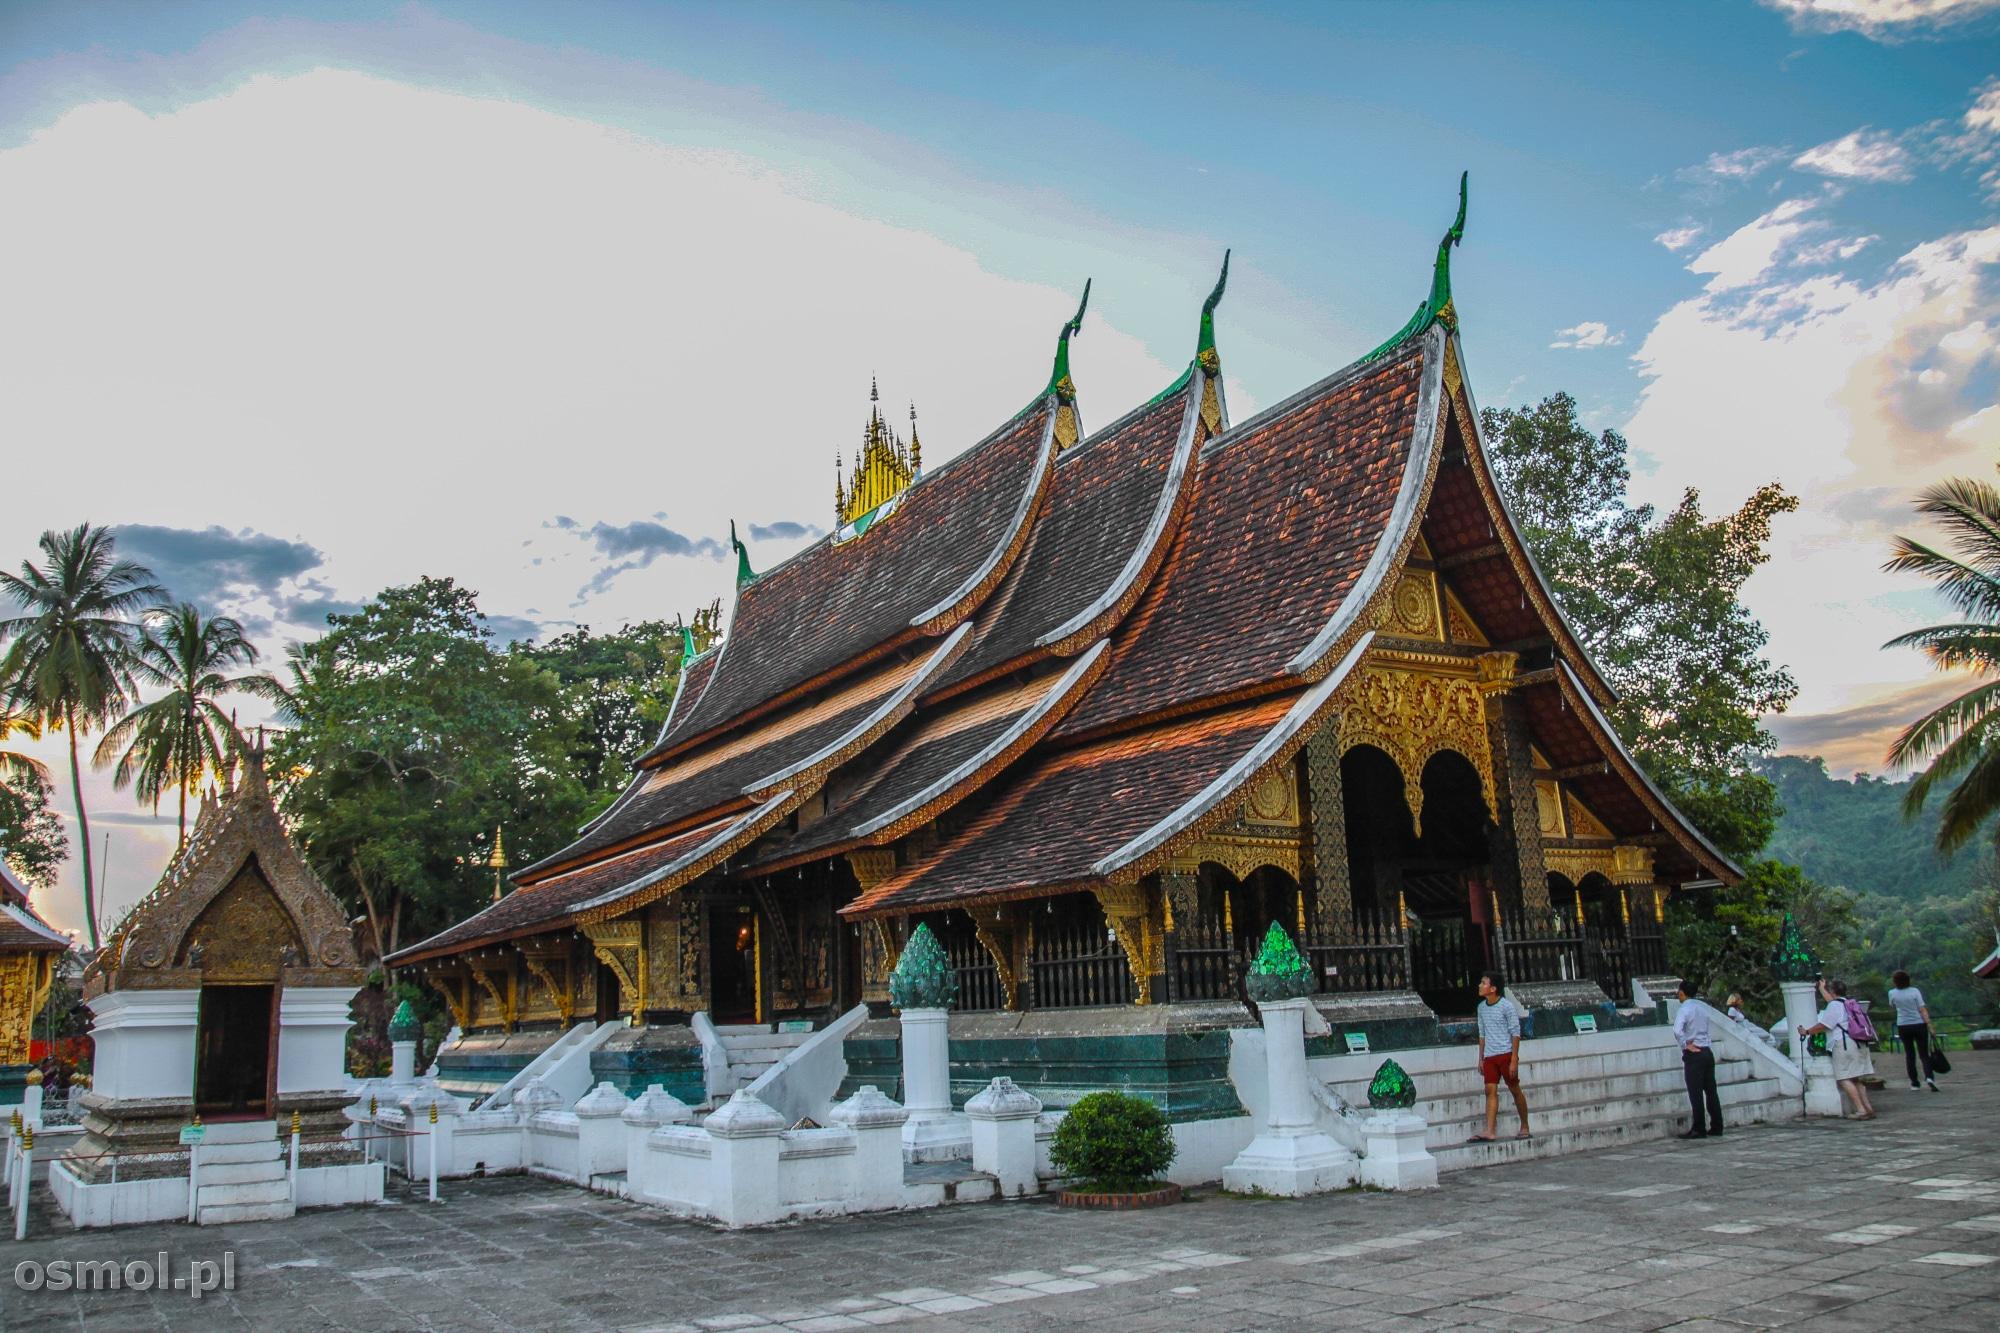 Świątynia Wat Xieng Thong w Luang Prabang. Jedna z najpiękniejszych świątyń w Laosie